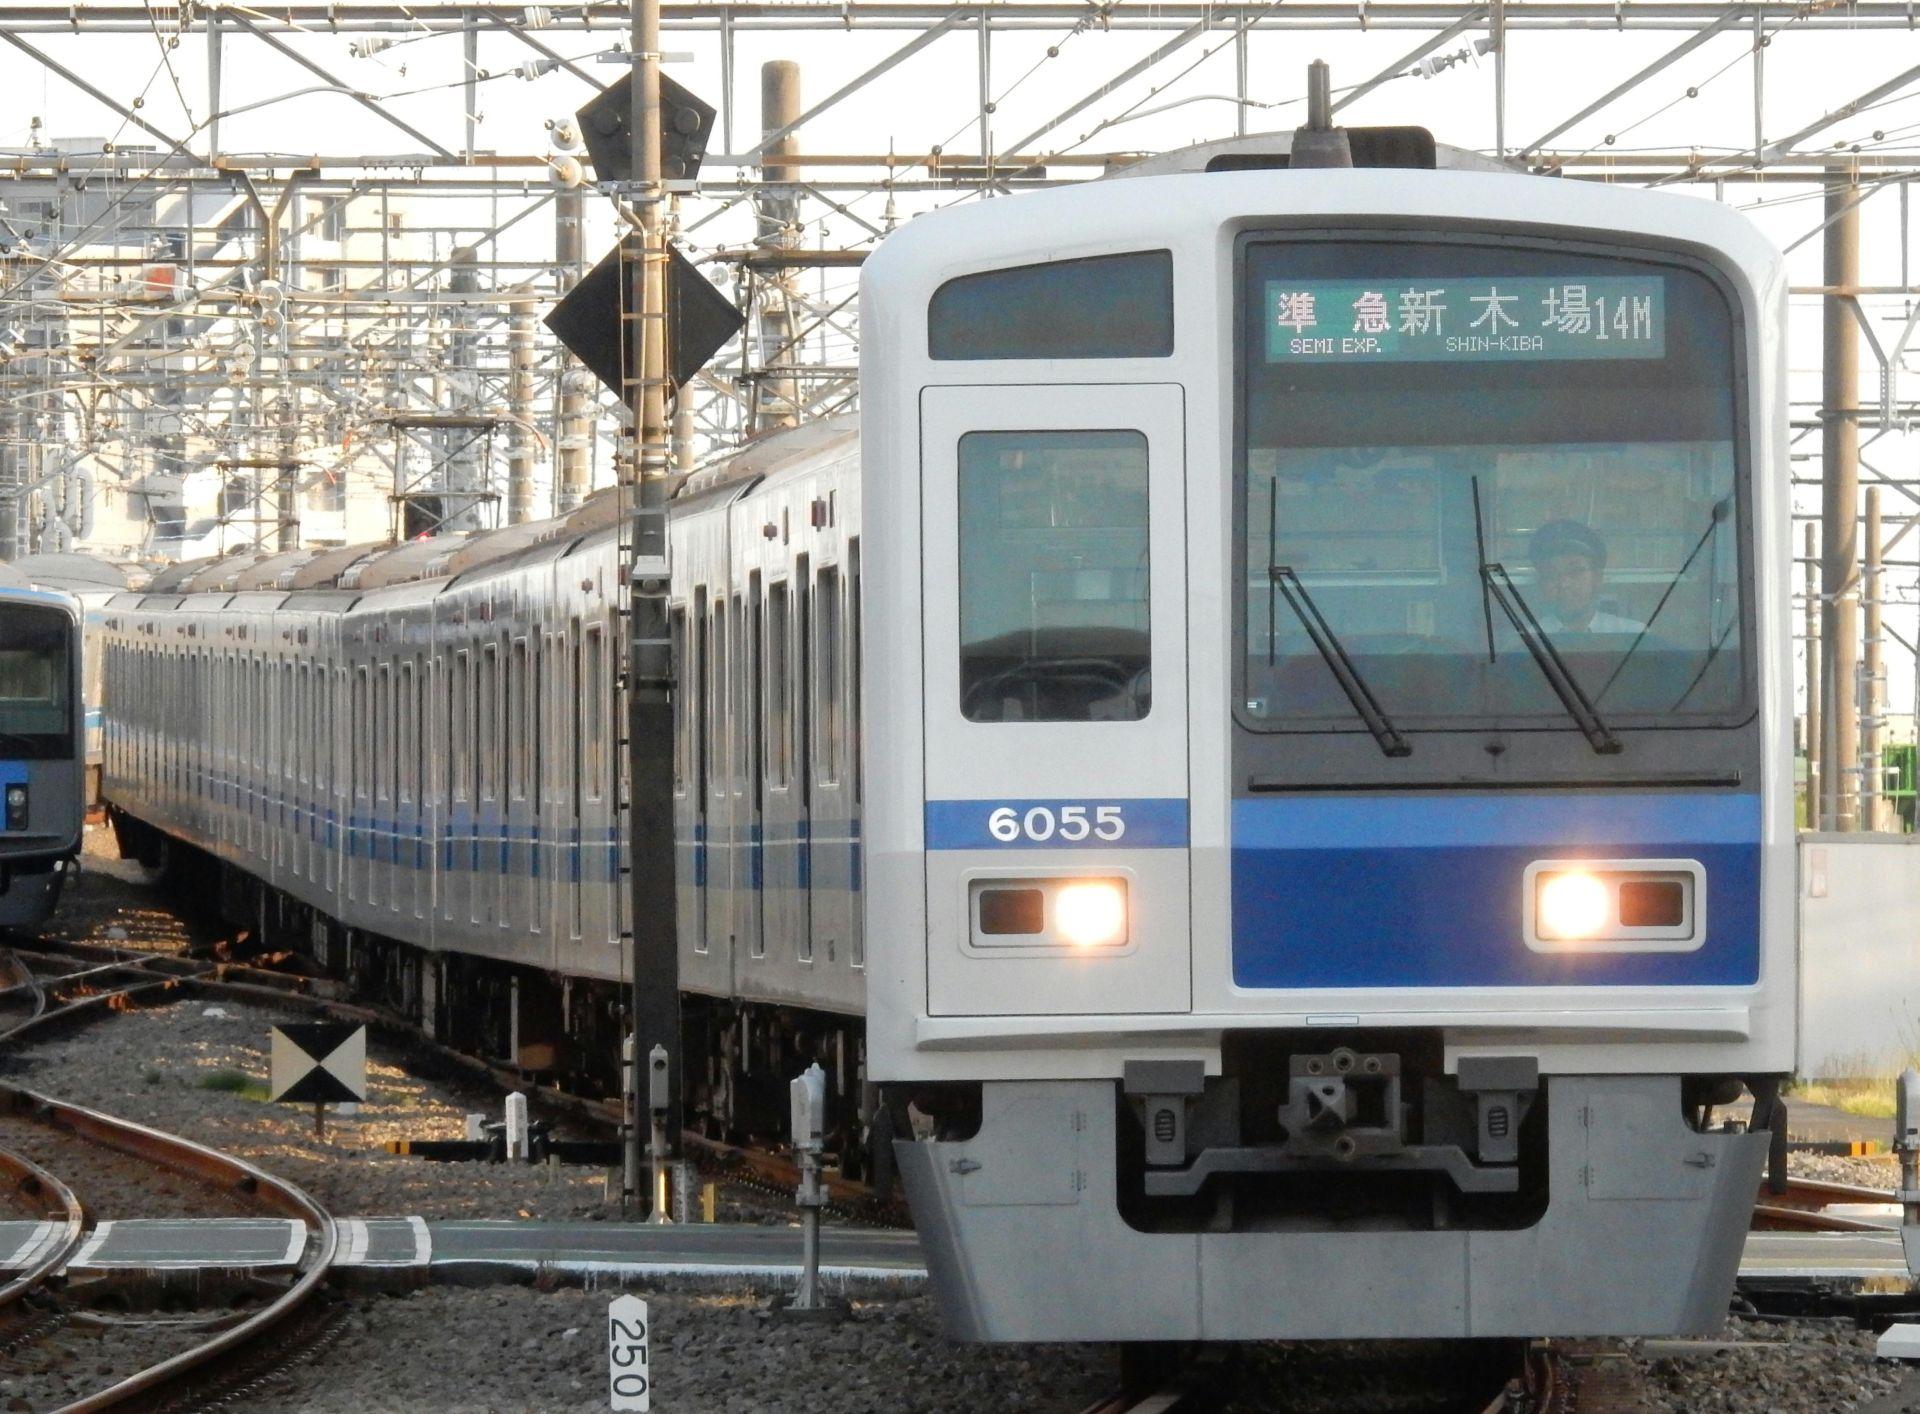 DSCN9335 - コピー